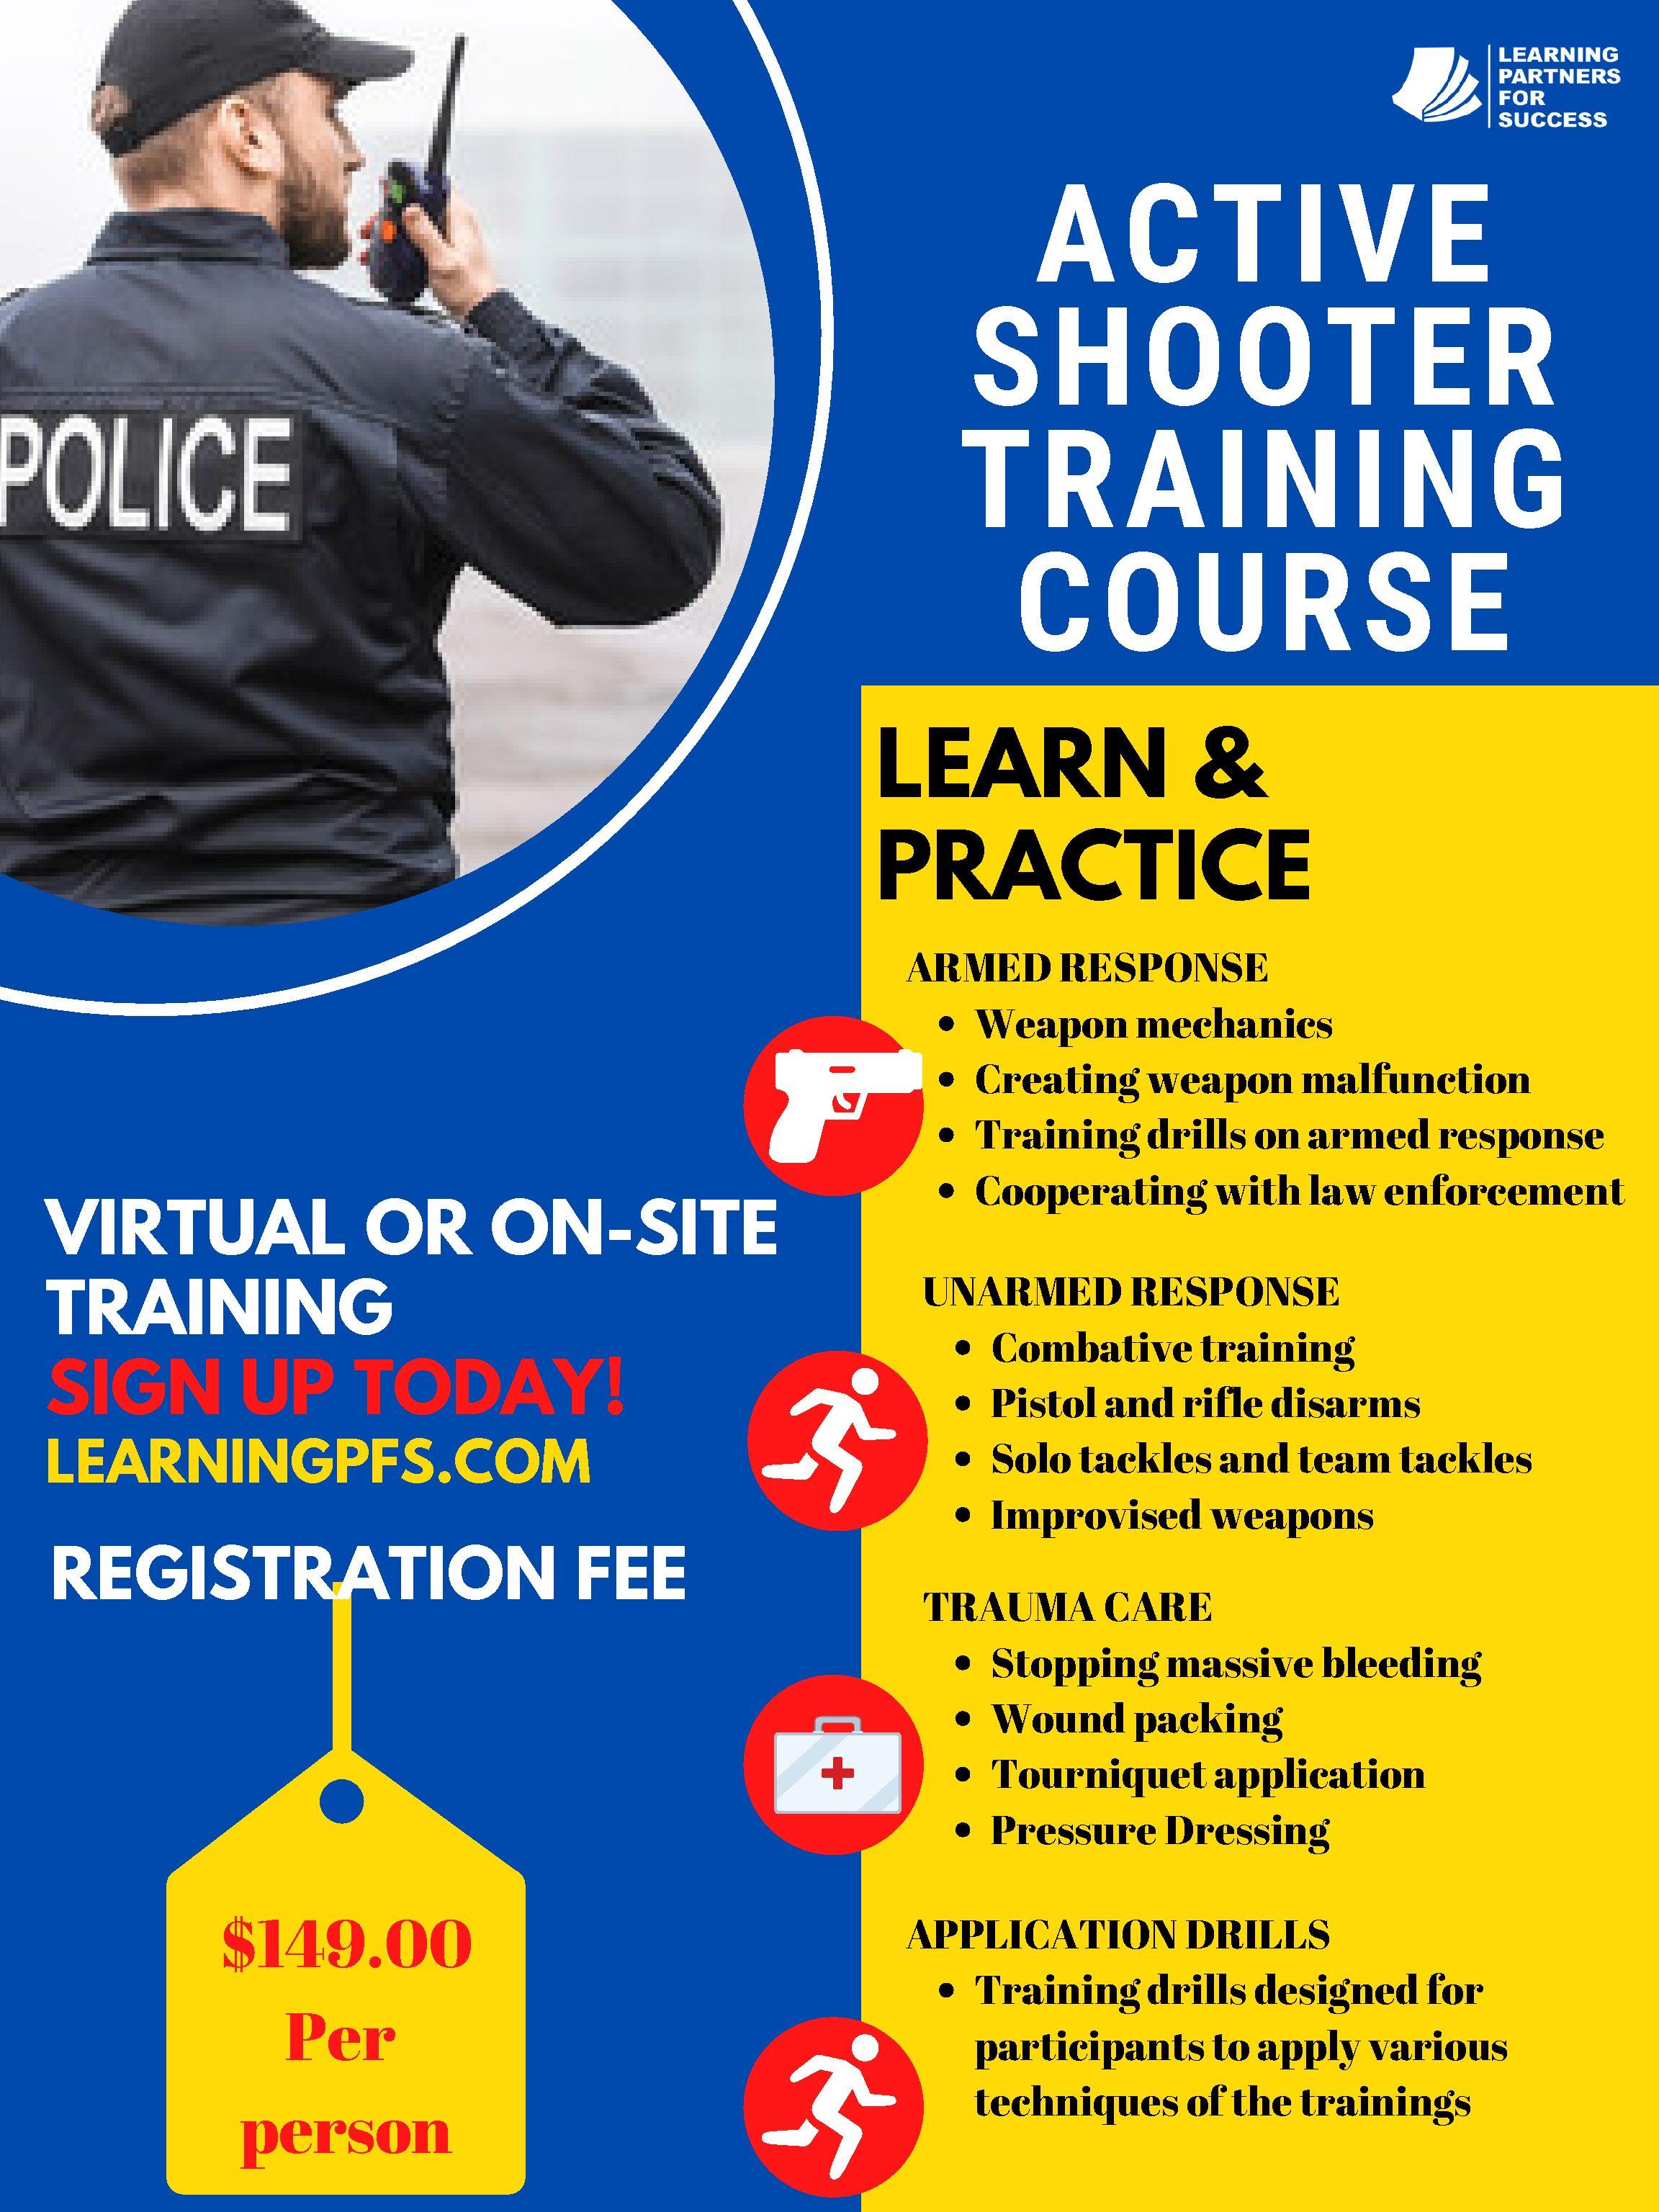 fixedActive Shooter (1) (1)